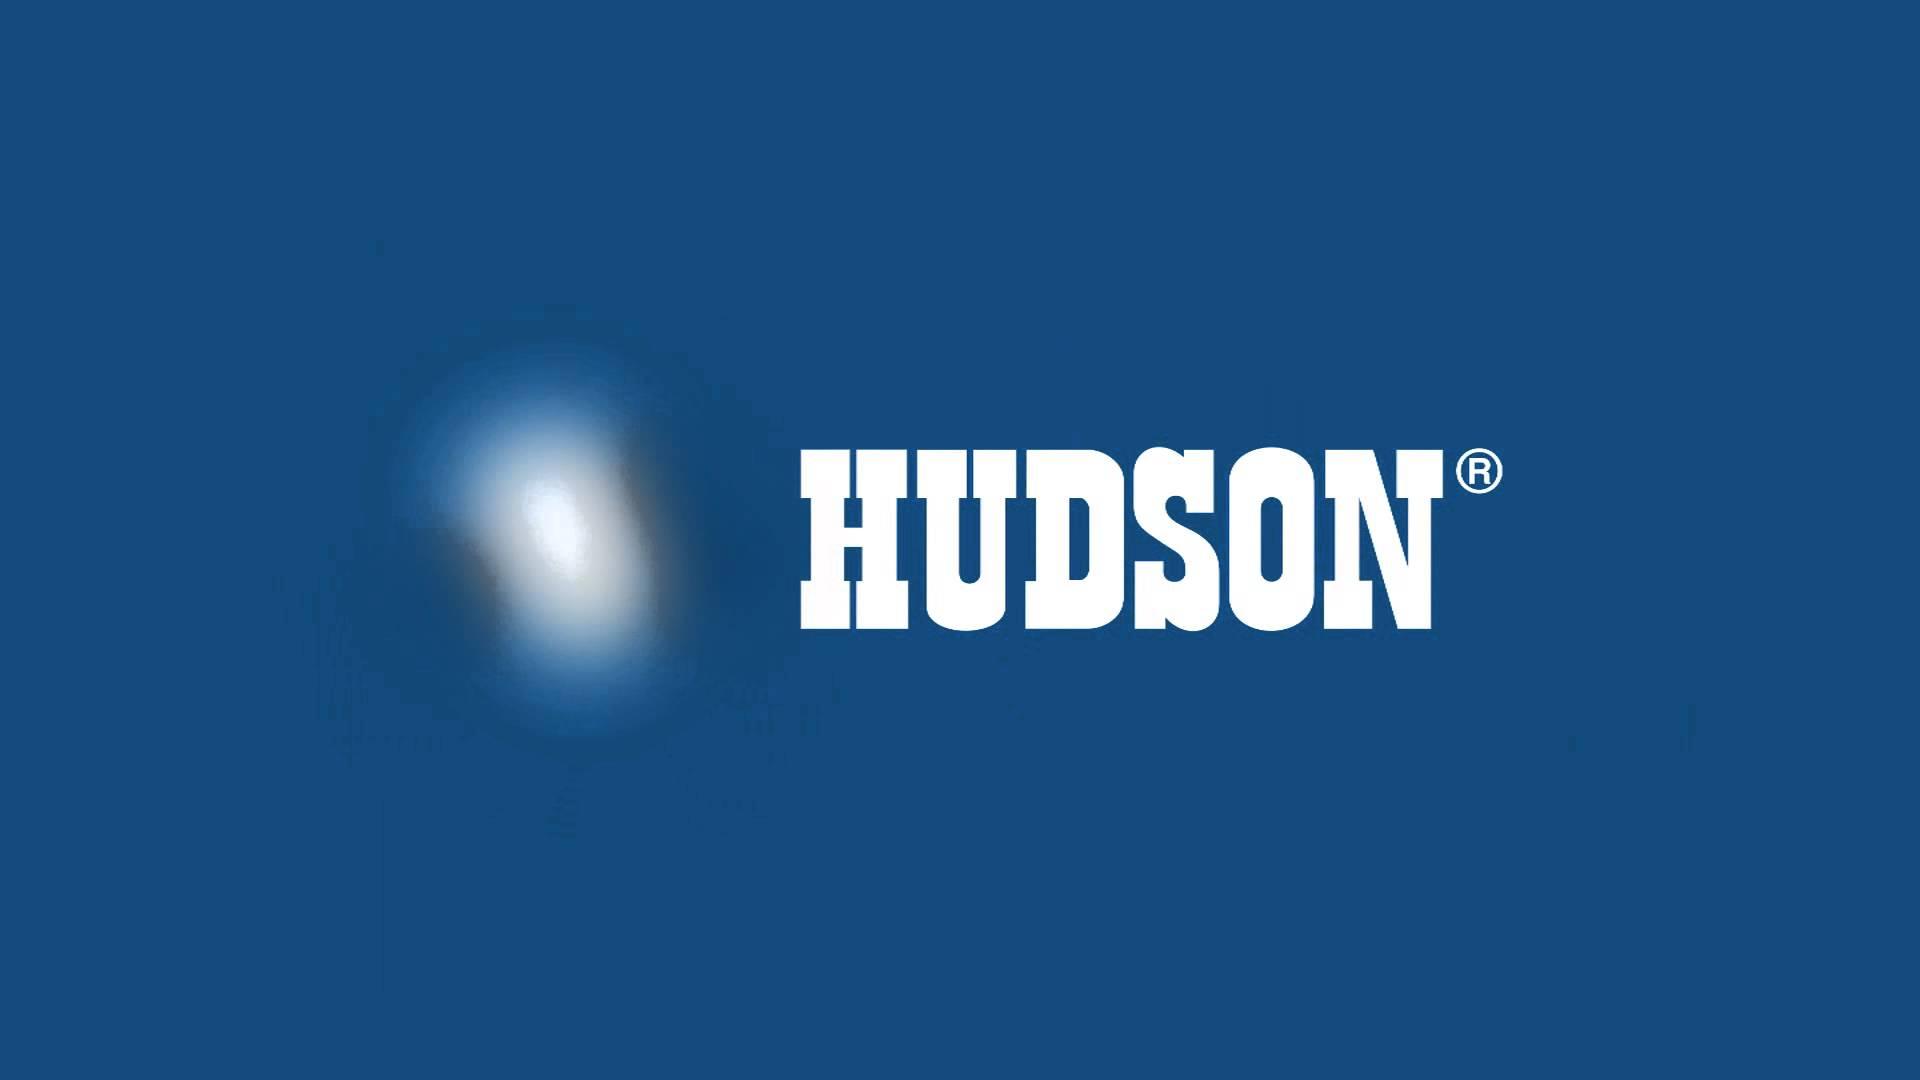 hudson Logo photo - 1